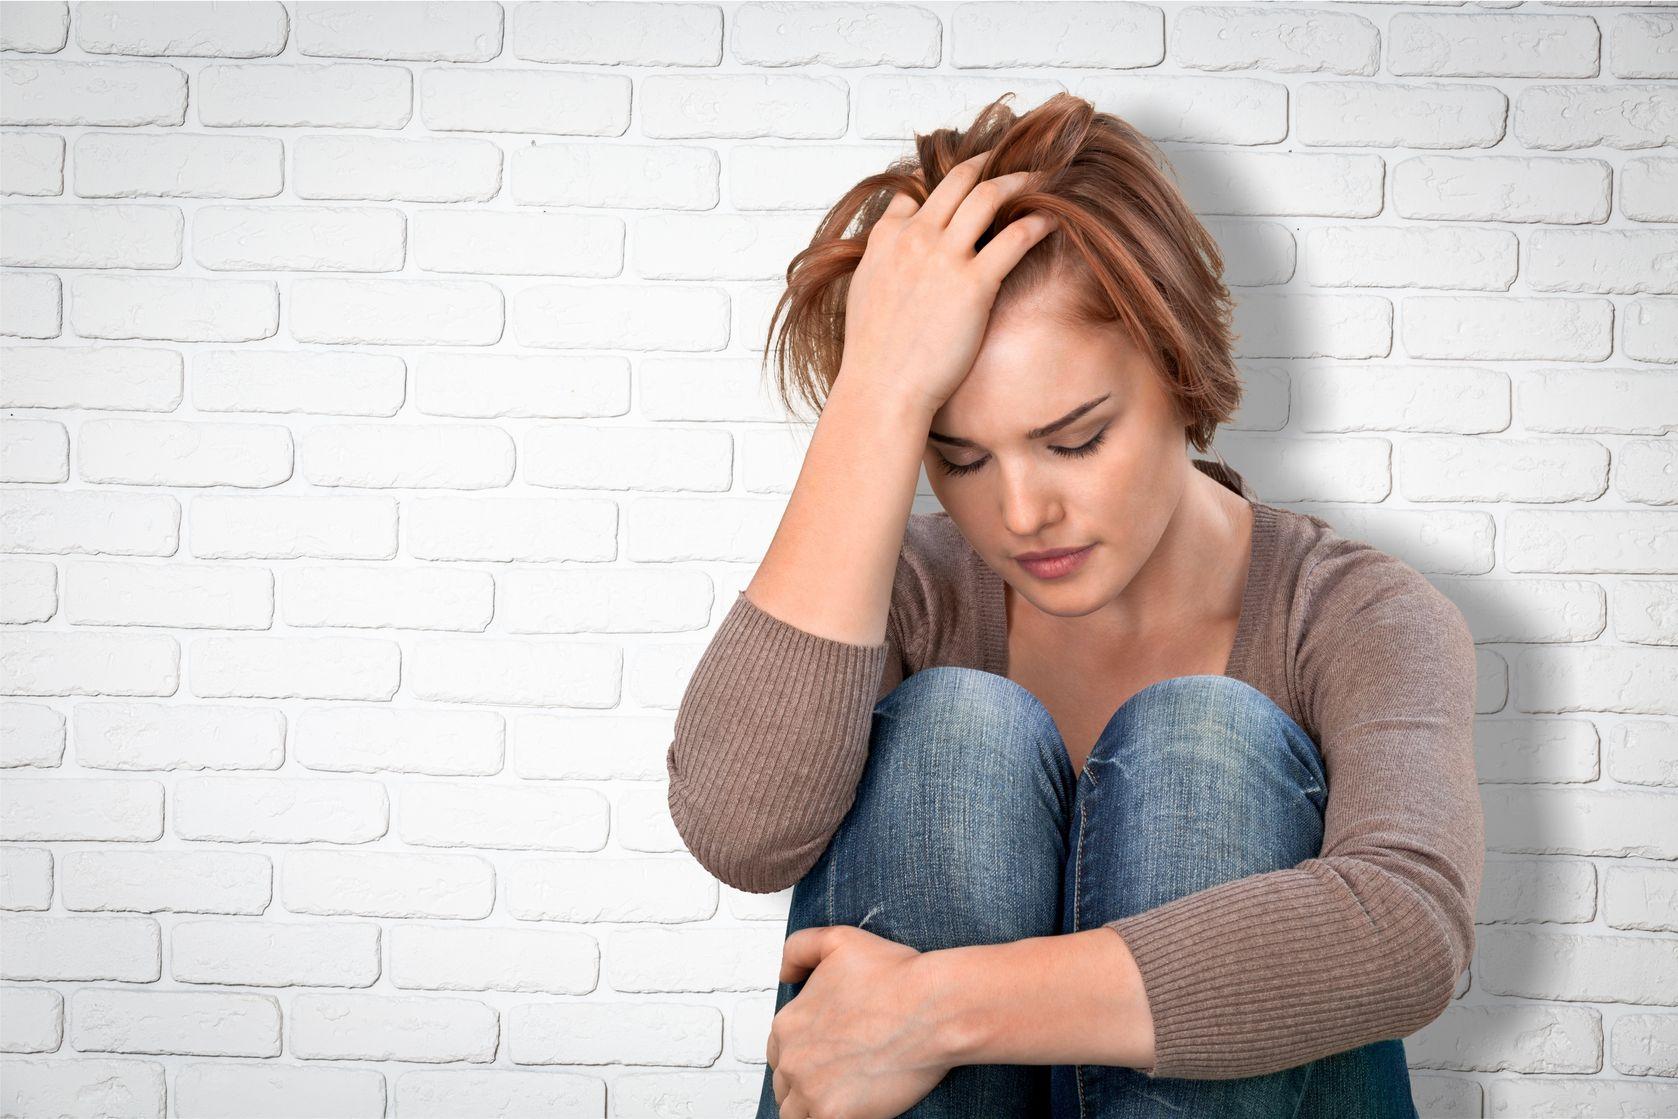 Выход из депрессии - антидепрессанты, помощь психотерапевта, как вылечить депрессию,